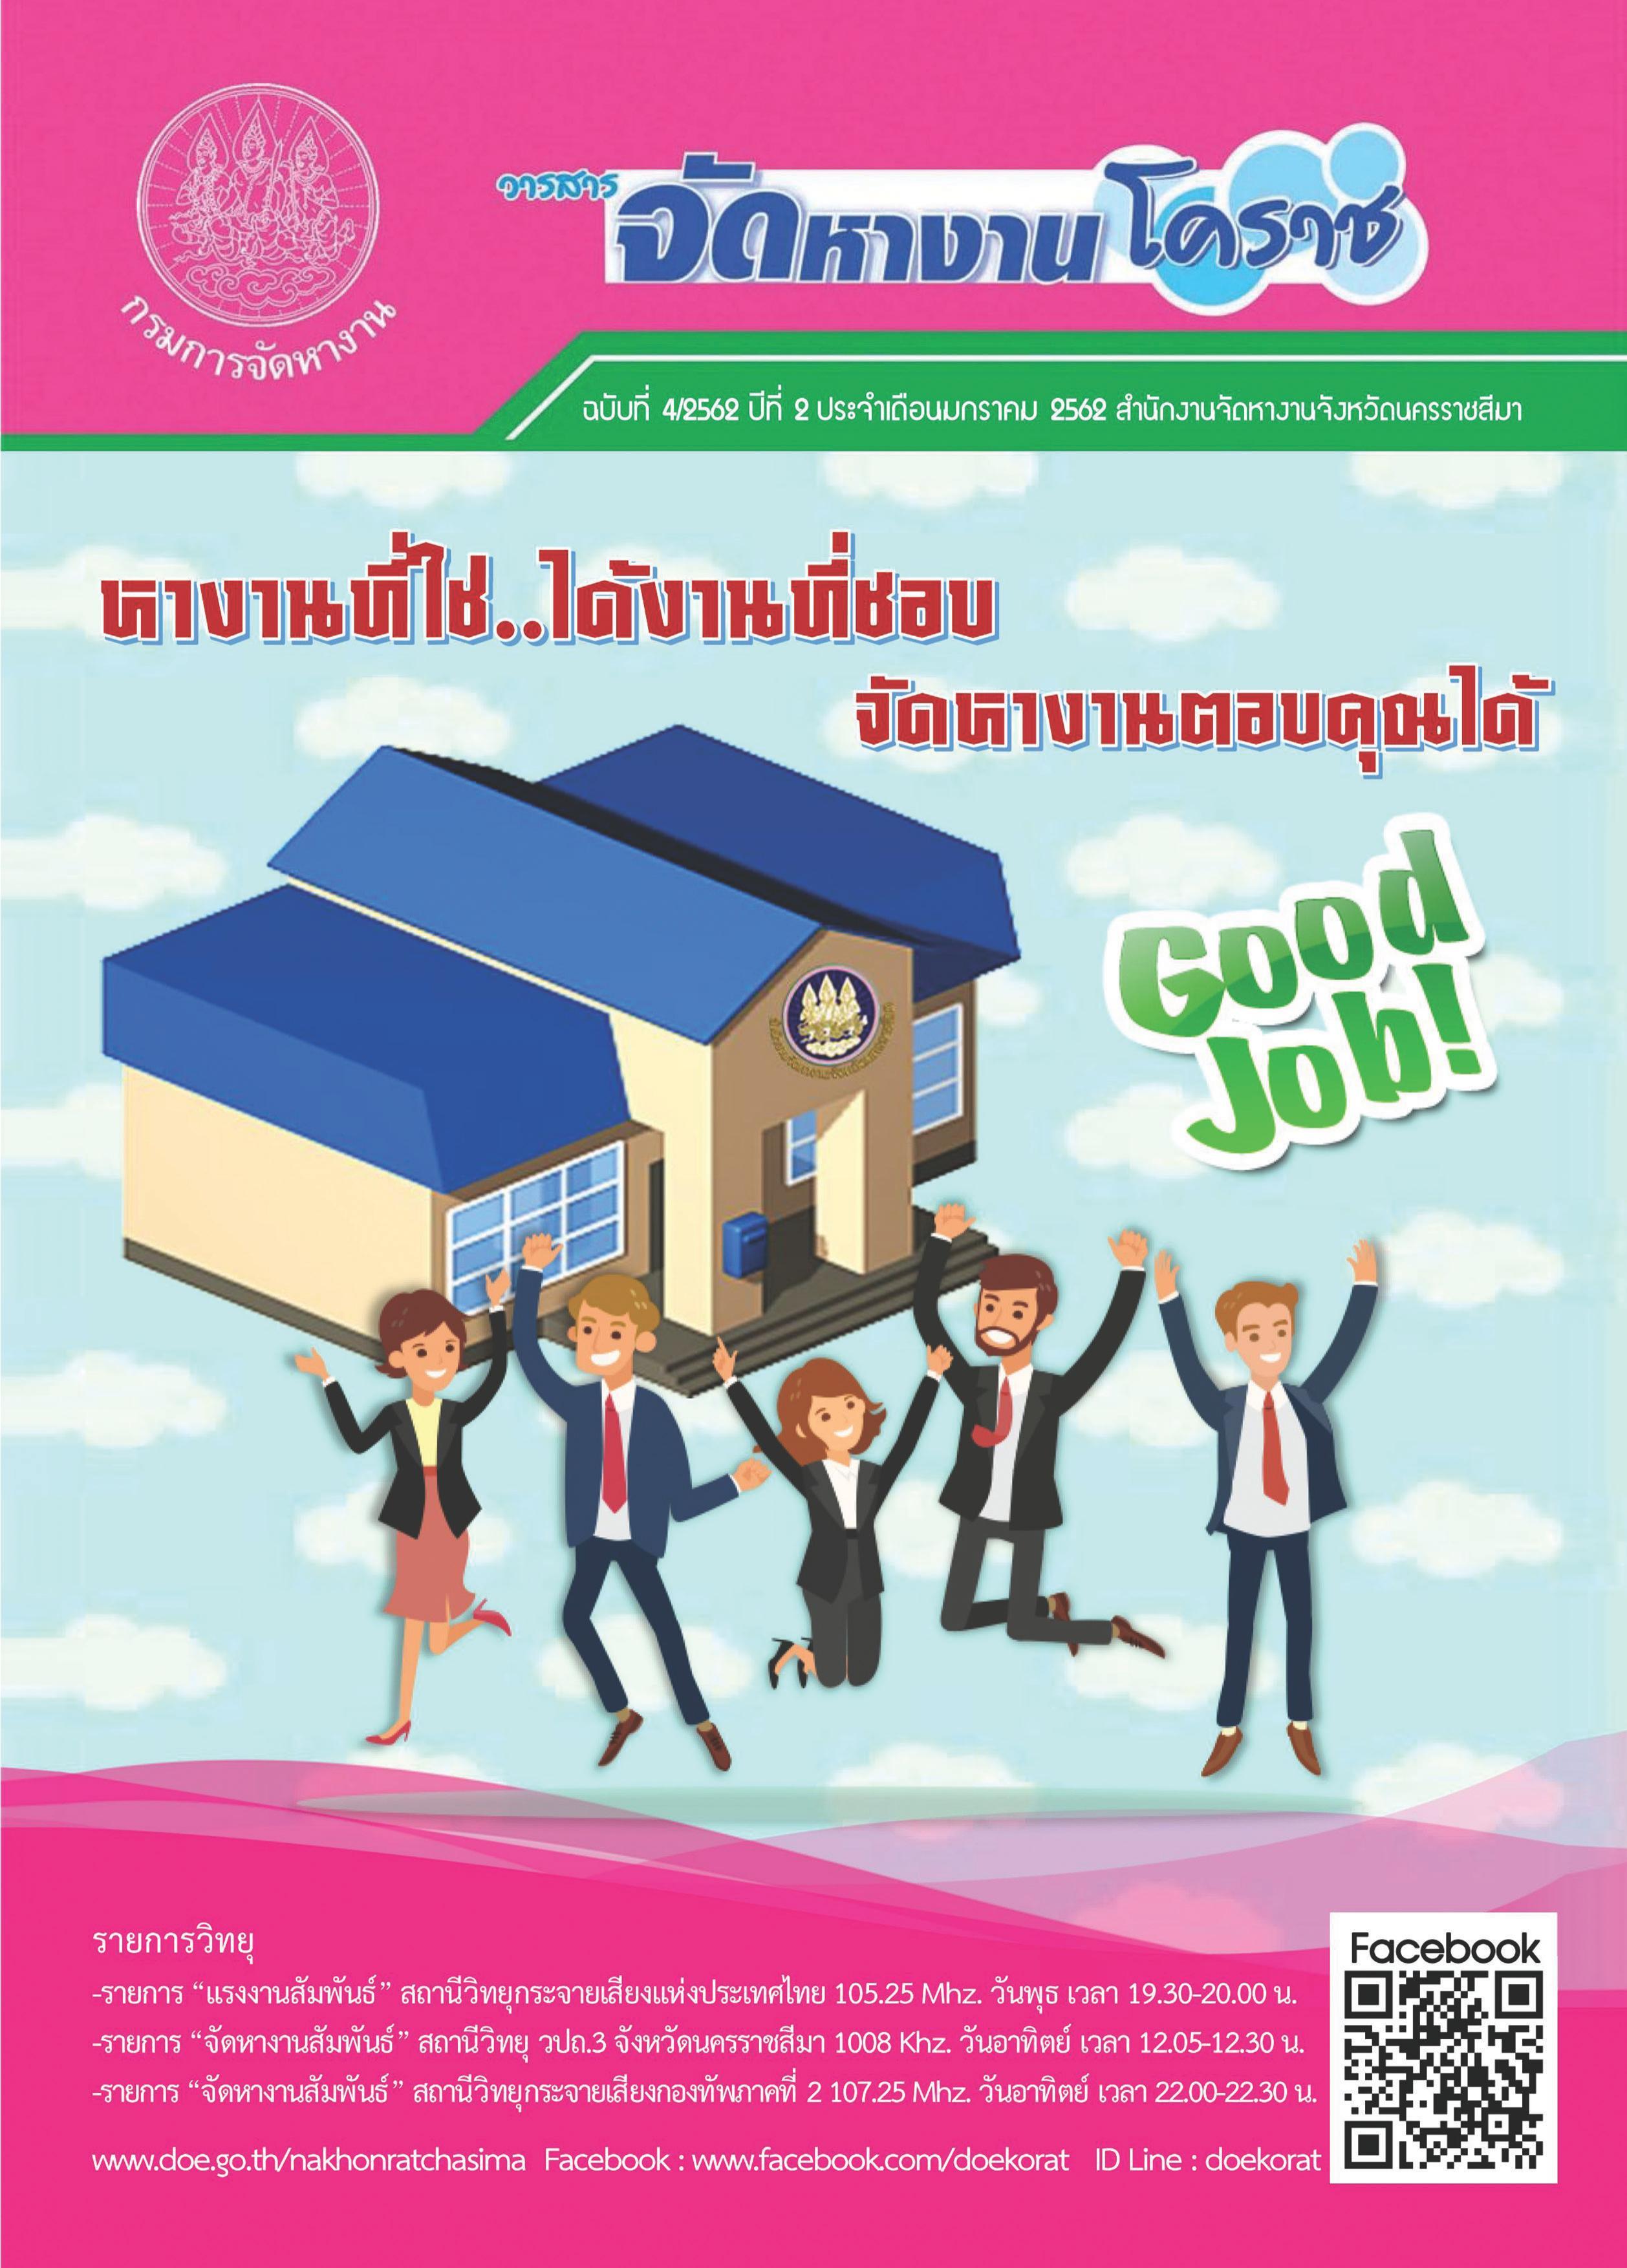 วารสารจัดหางานโคราช ฉบับที่ 4/2562 ปีที่ 2 ประจำเดือนมกราคม 2562